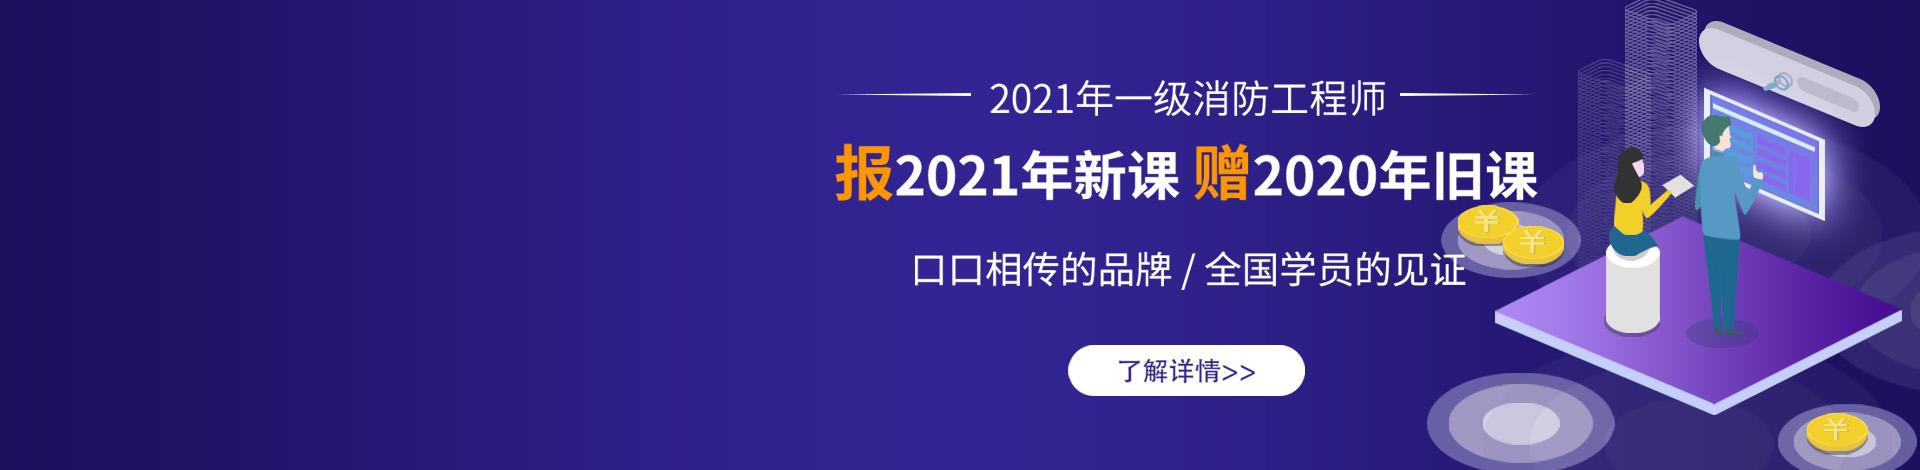 宁夏考生应该这样备考2021年一级消防工程师